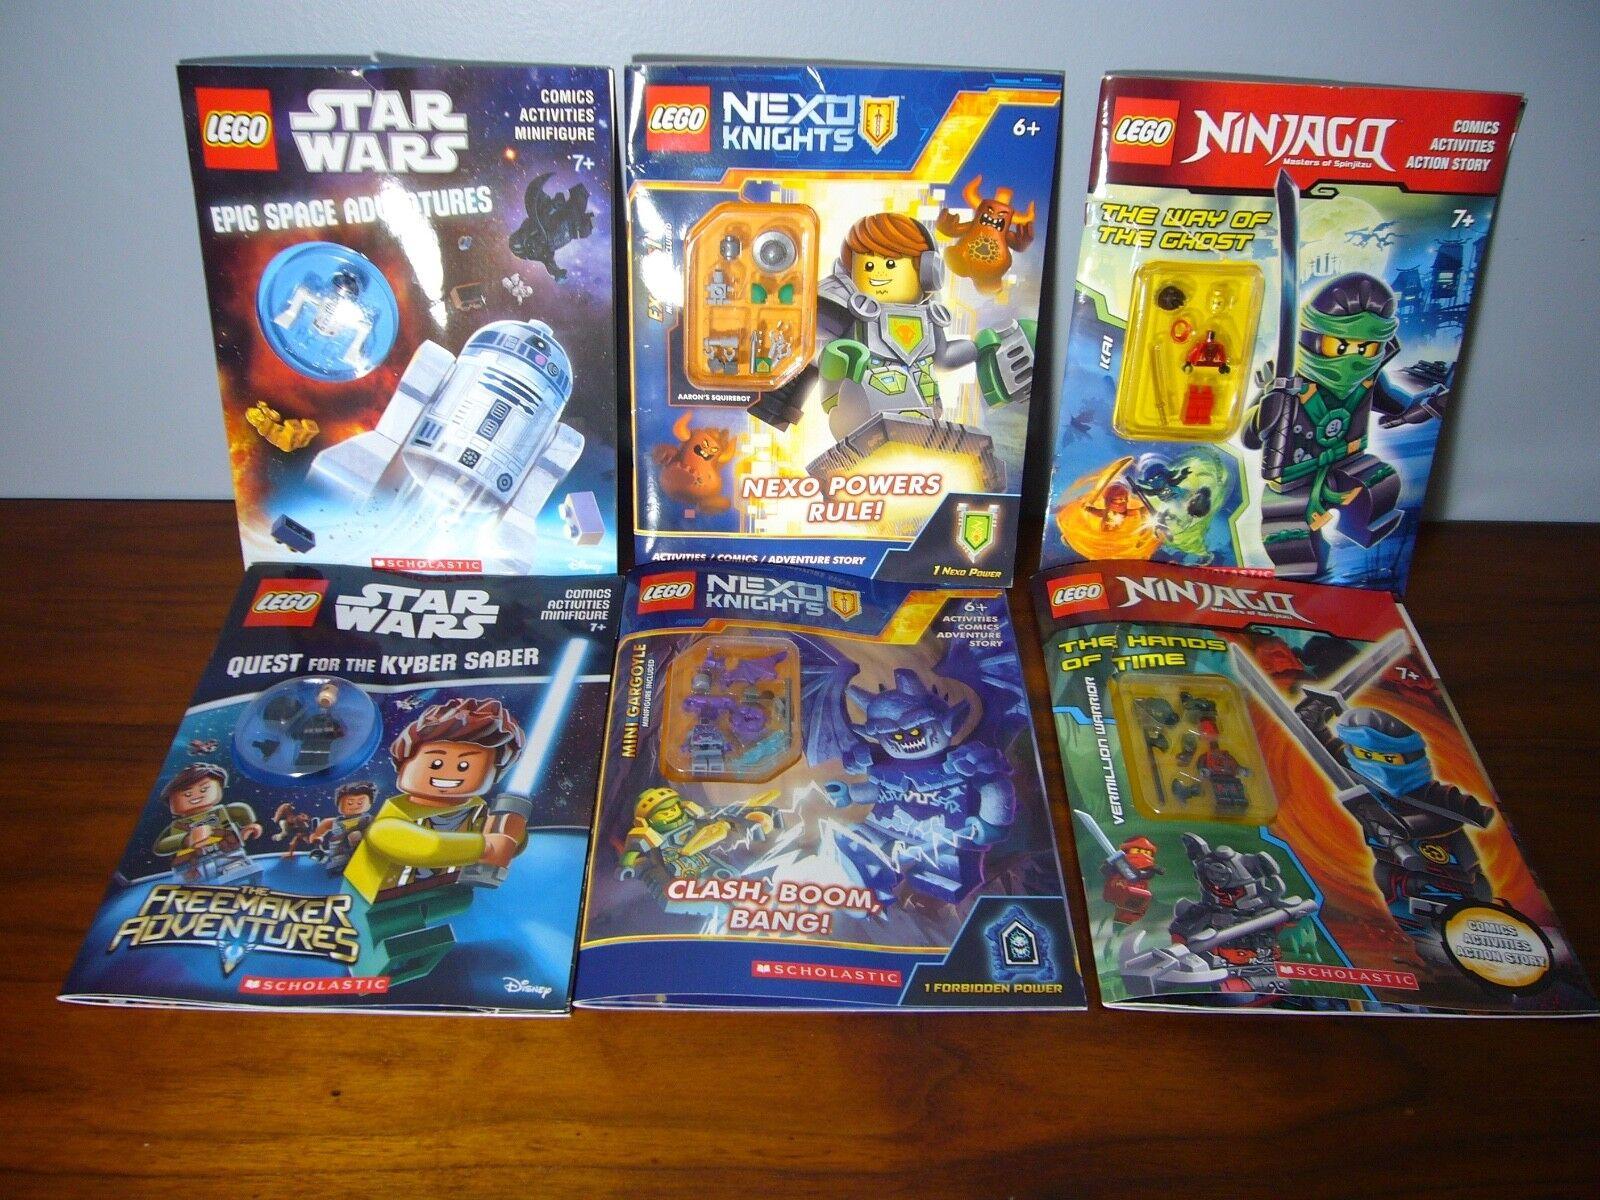 6 LEGO Ninjago estrella guerras  NEXO Lot Activity libro Mini figs nuovo Minicifras  grandi risparmi